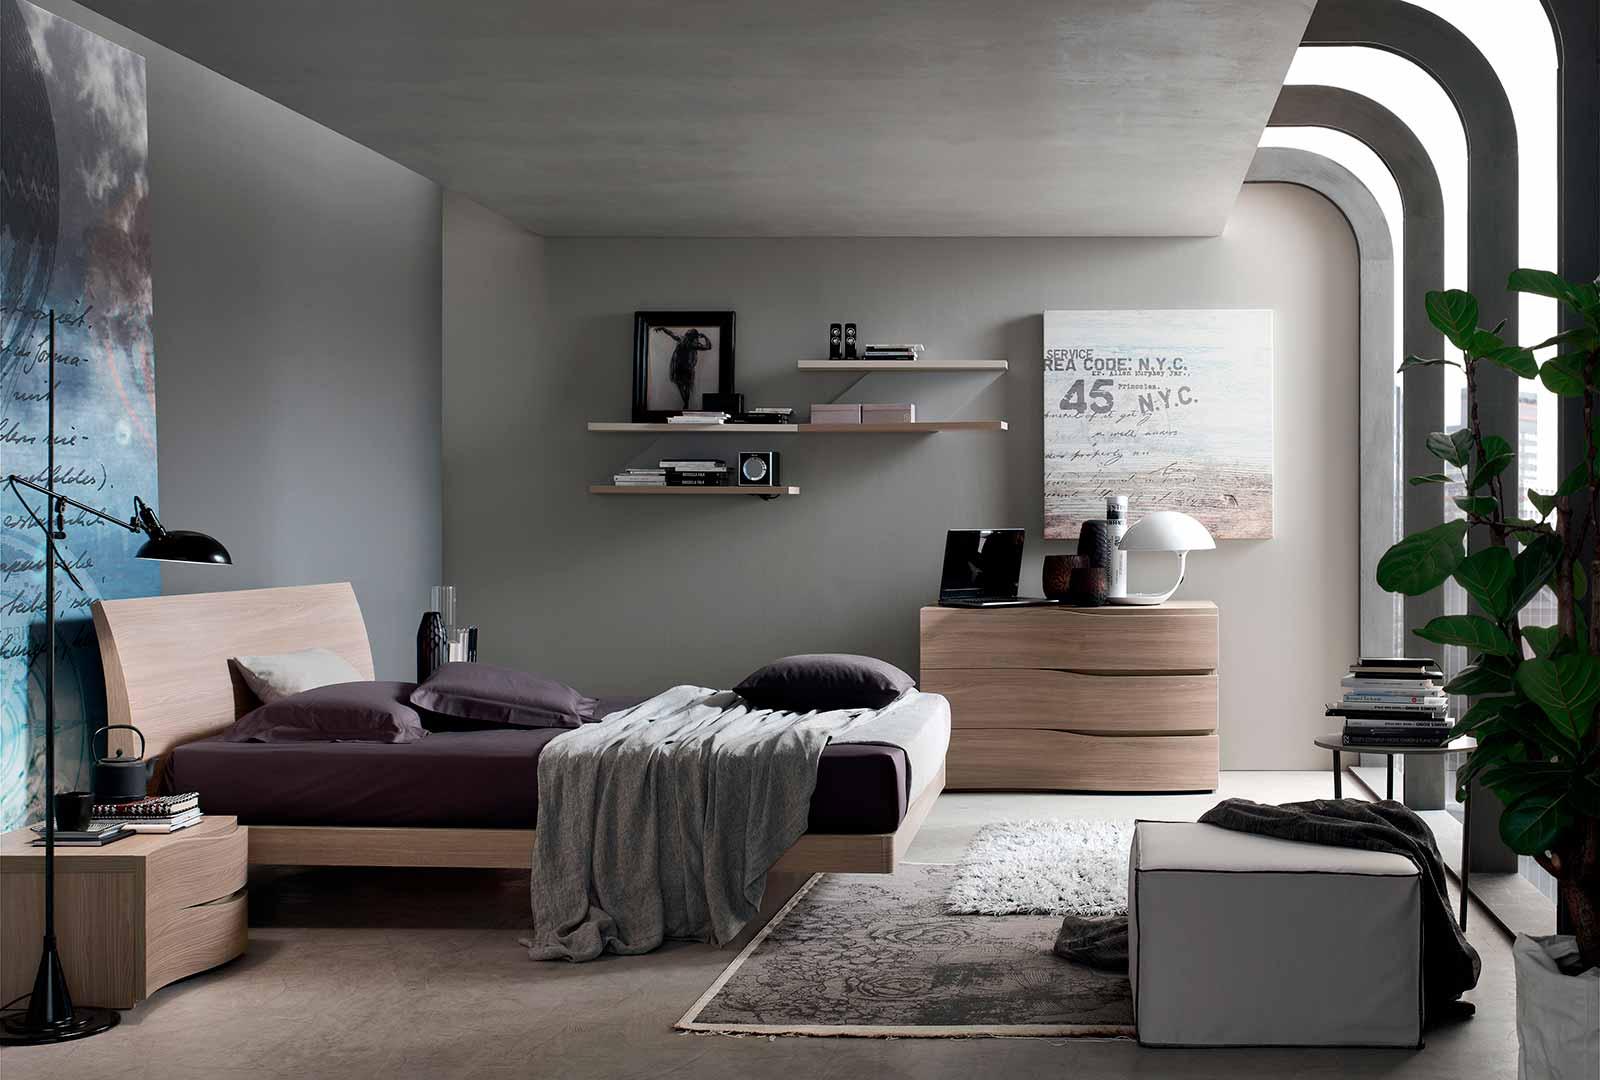 Arredo negozi online perfect arredamento u home living for Arredamento online